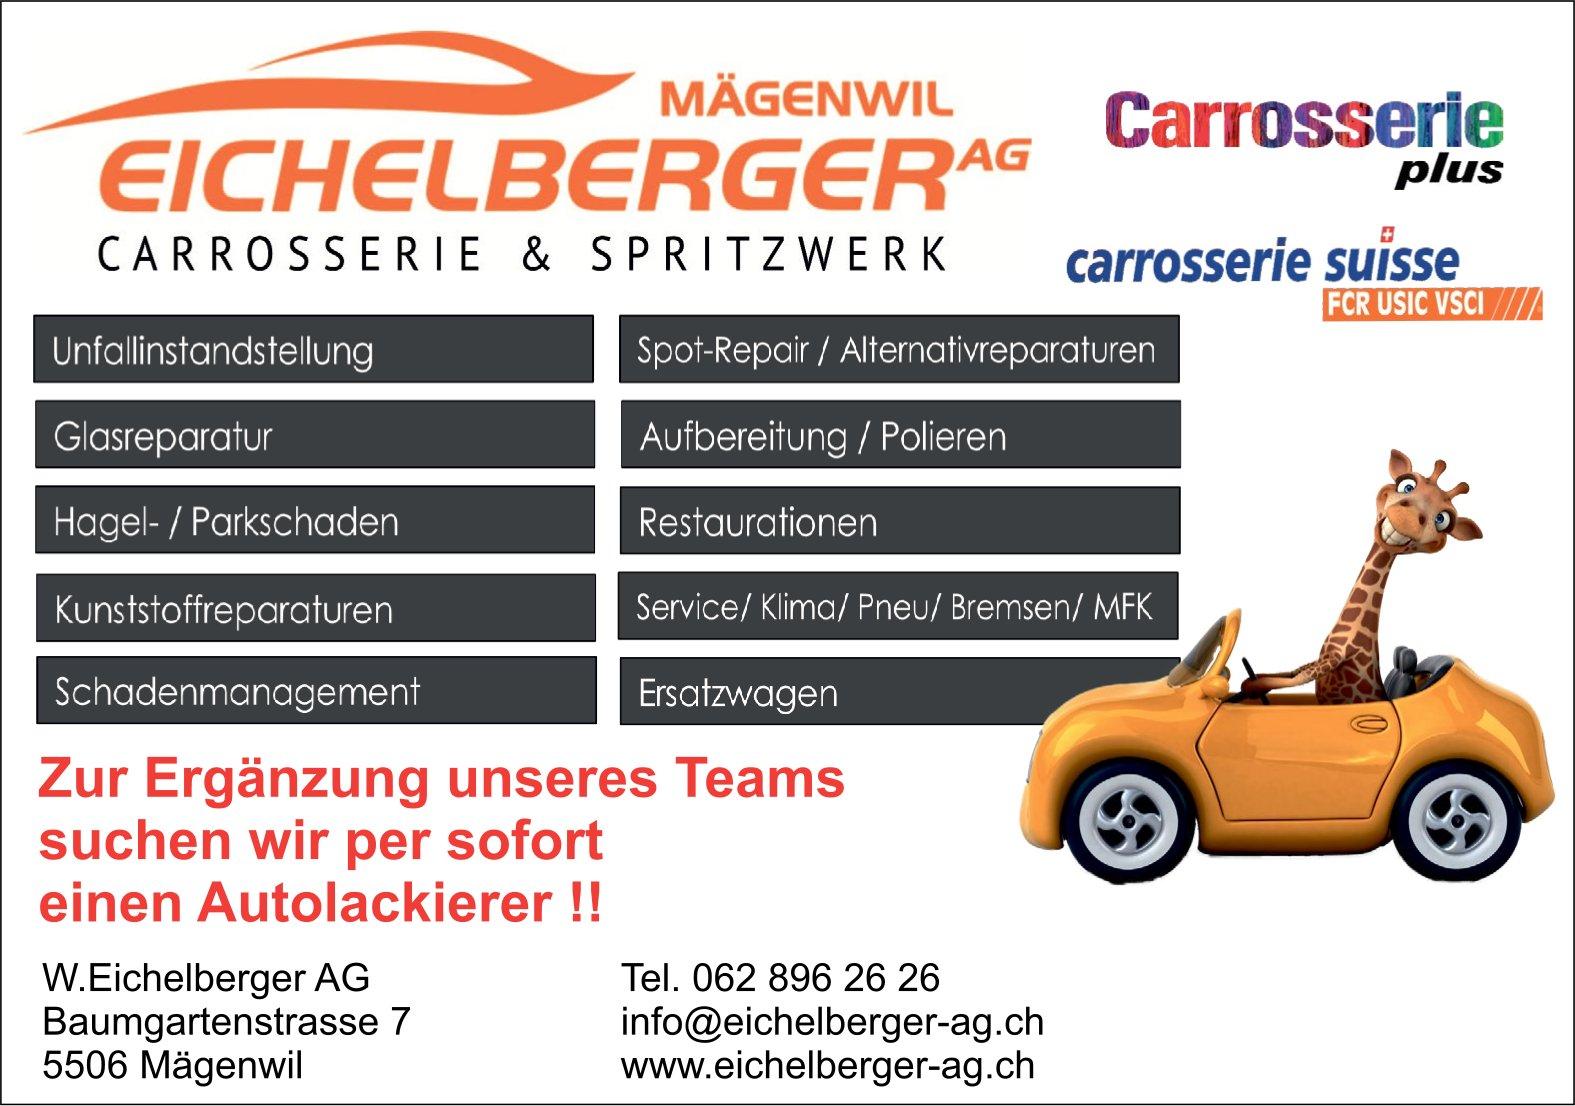 Autolackierer bei W. Eichelberger AG Carrosserie & Spritzwerk per sofort gesucht